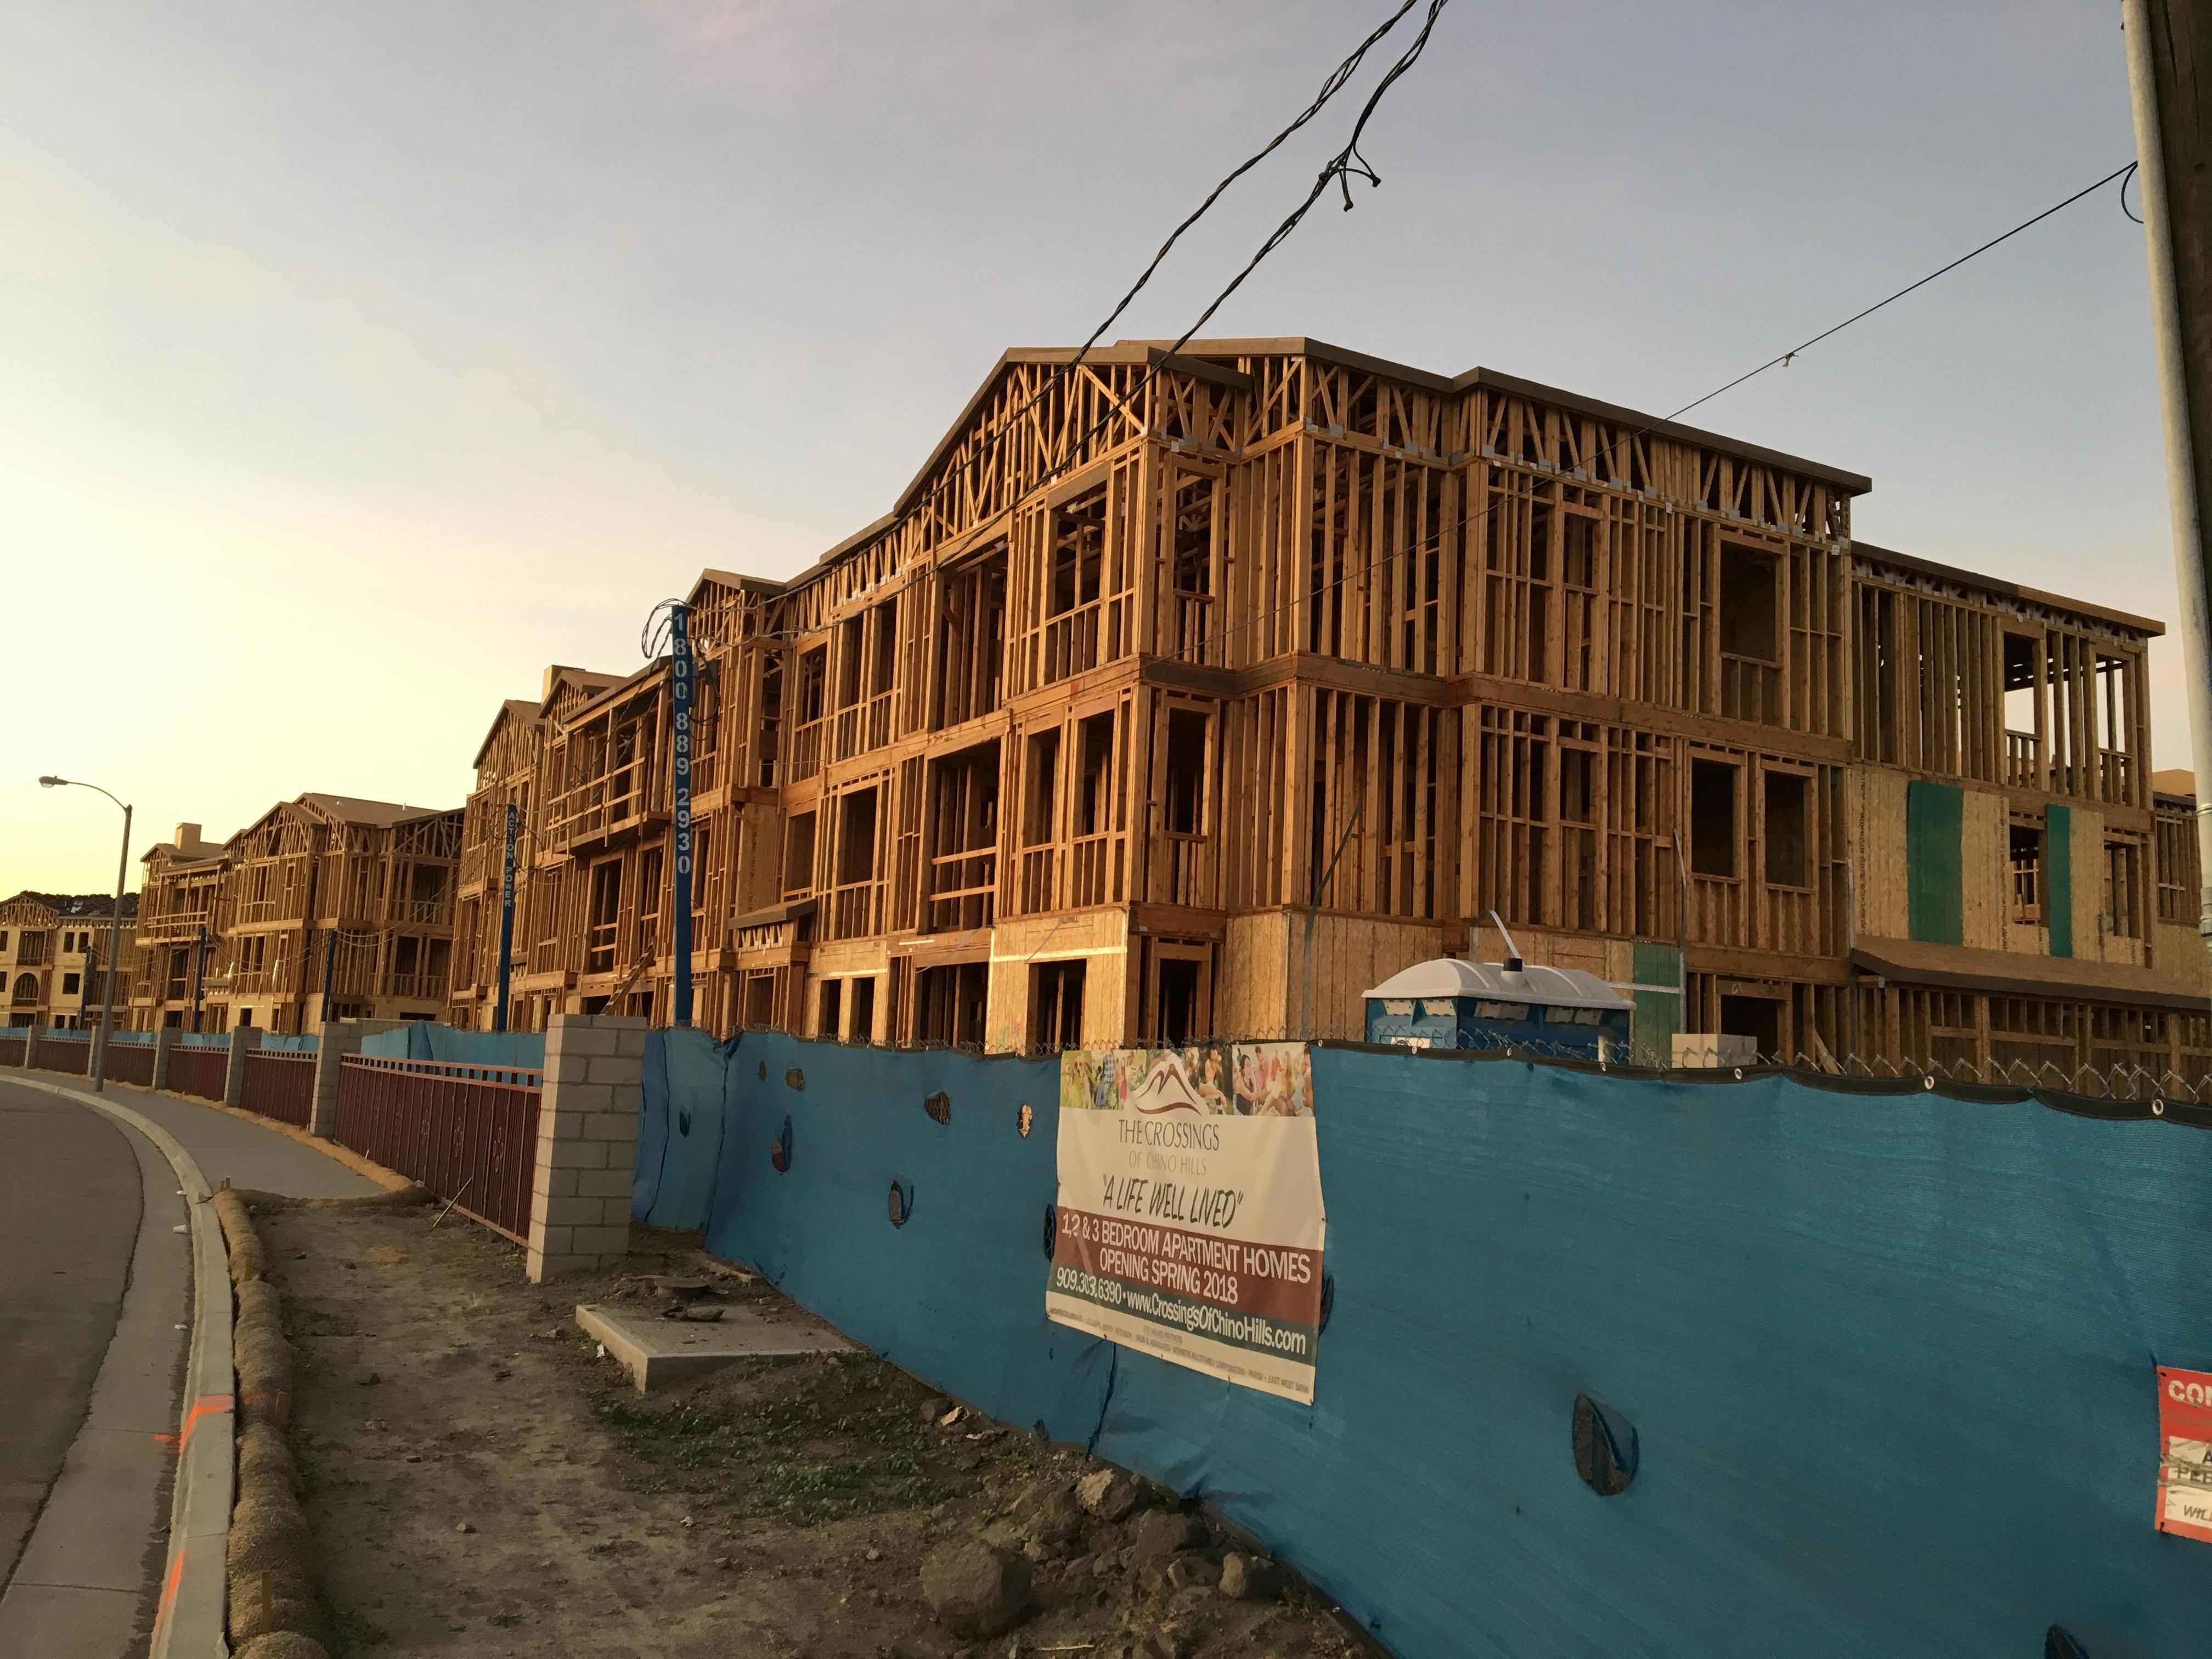 位於奇諾岡市71號公路附近,比鄰印度神廟,市府批准建設高密度住宅,引發當地居民嗆聲。(記者啟鉻/攝影)